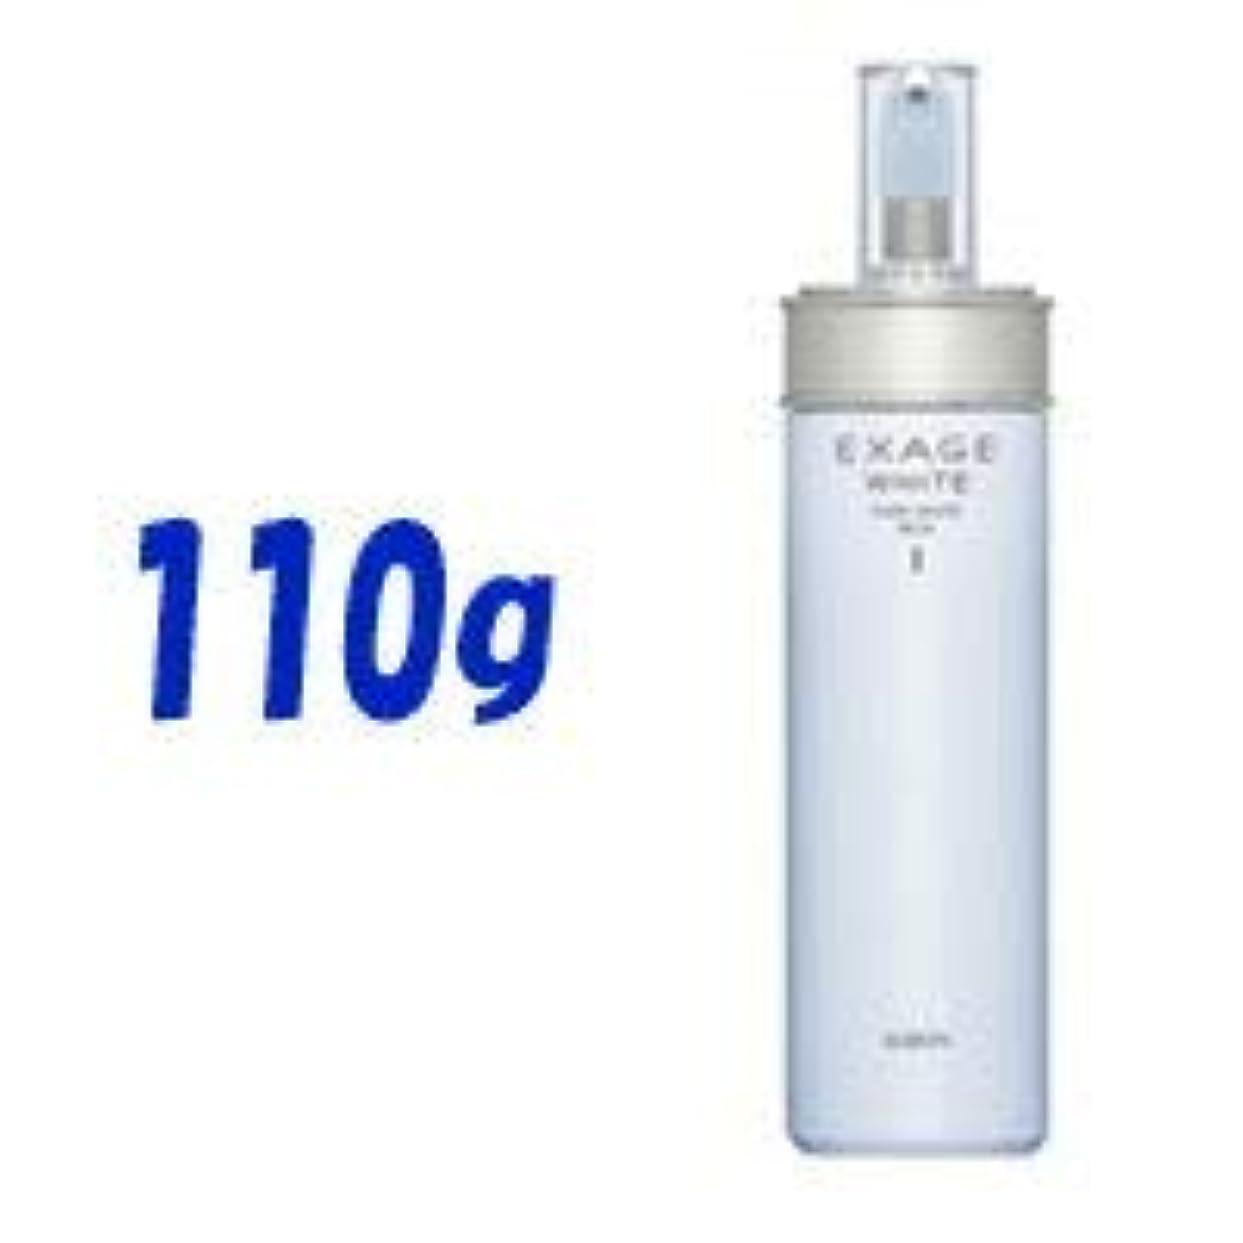 アルビオン エクサージュ ホワイトピュアホワイトミルク(1) 110g